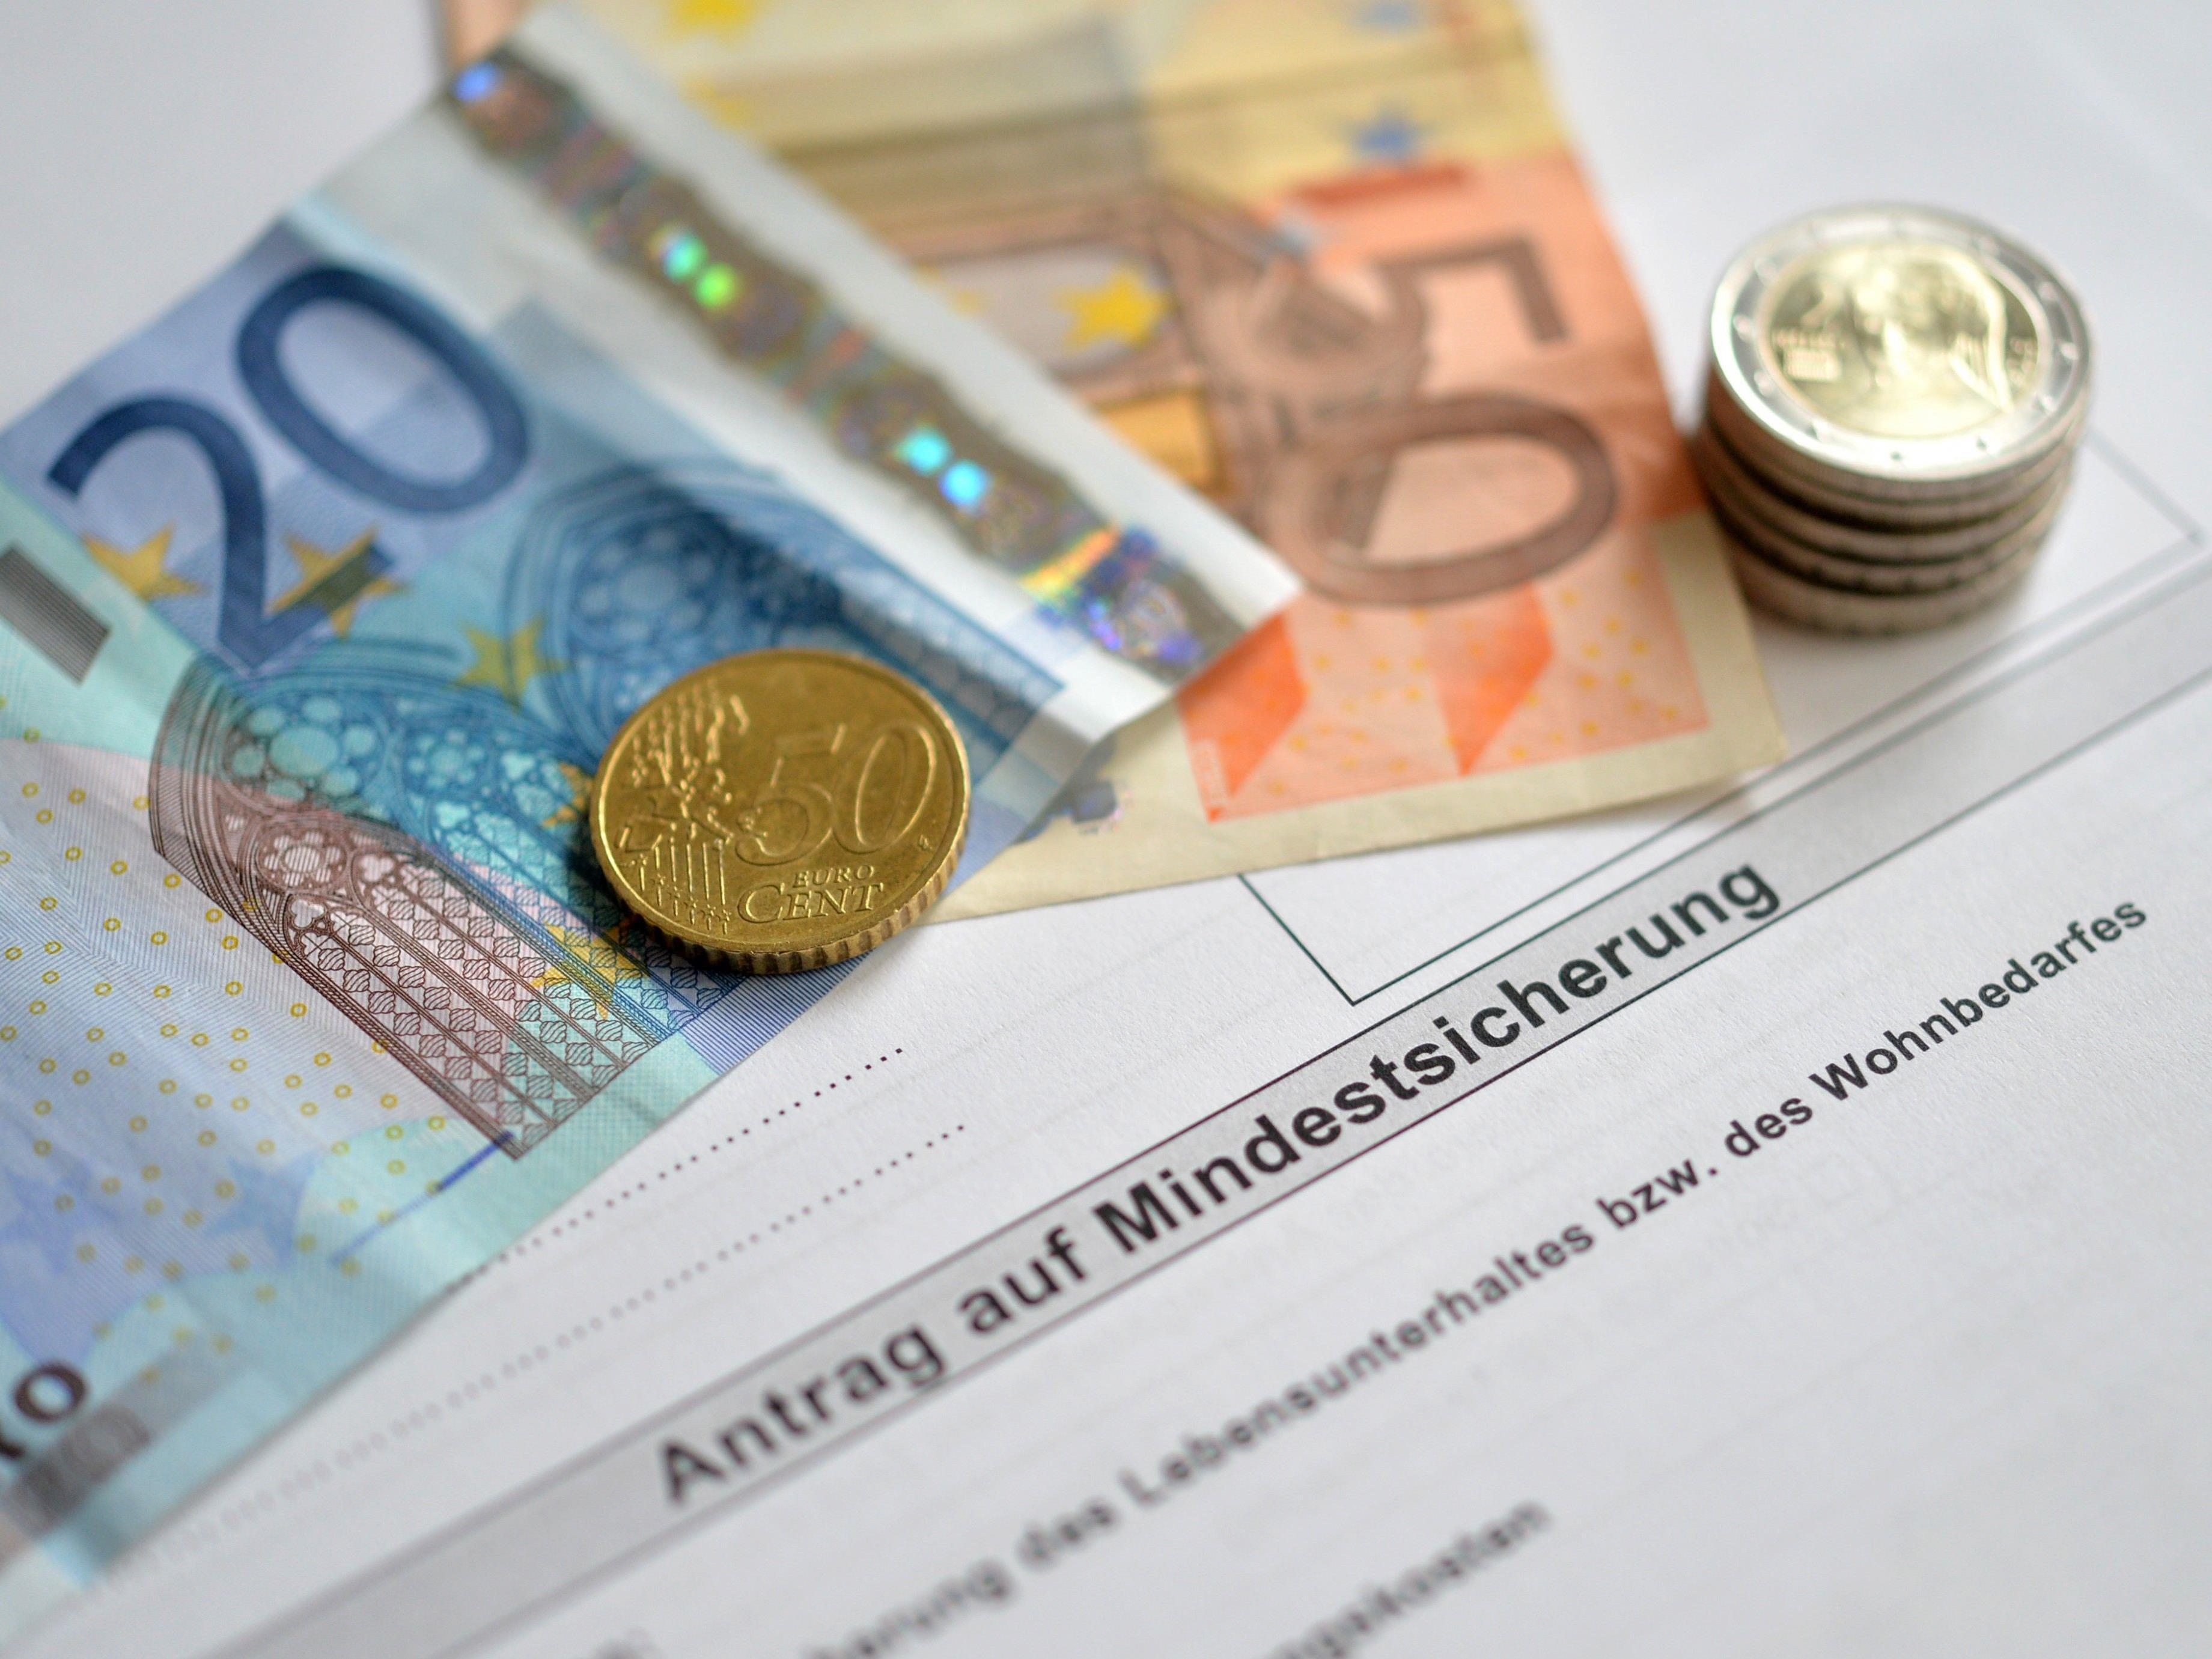 Wiener Mindestsicherungsmodell: Einigung soll bereits stehen, Abstimmung noch nötig